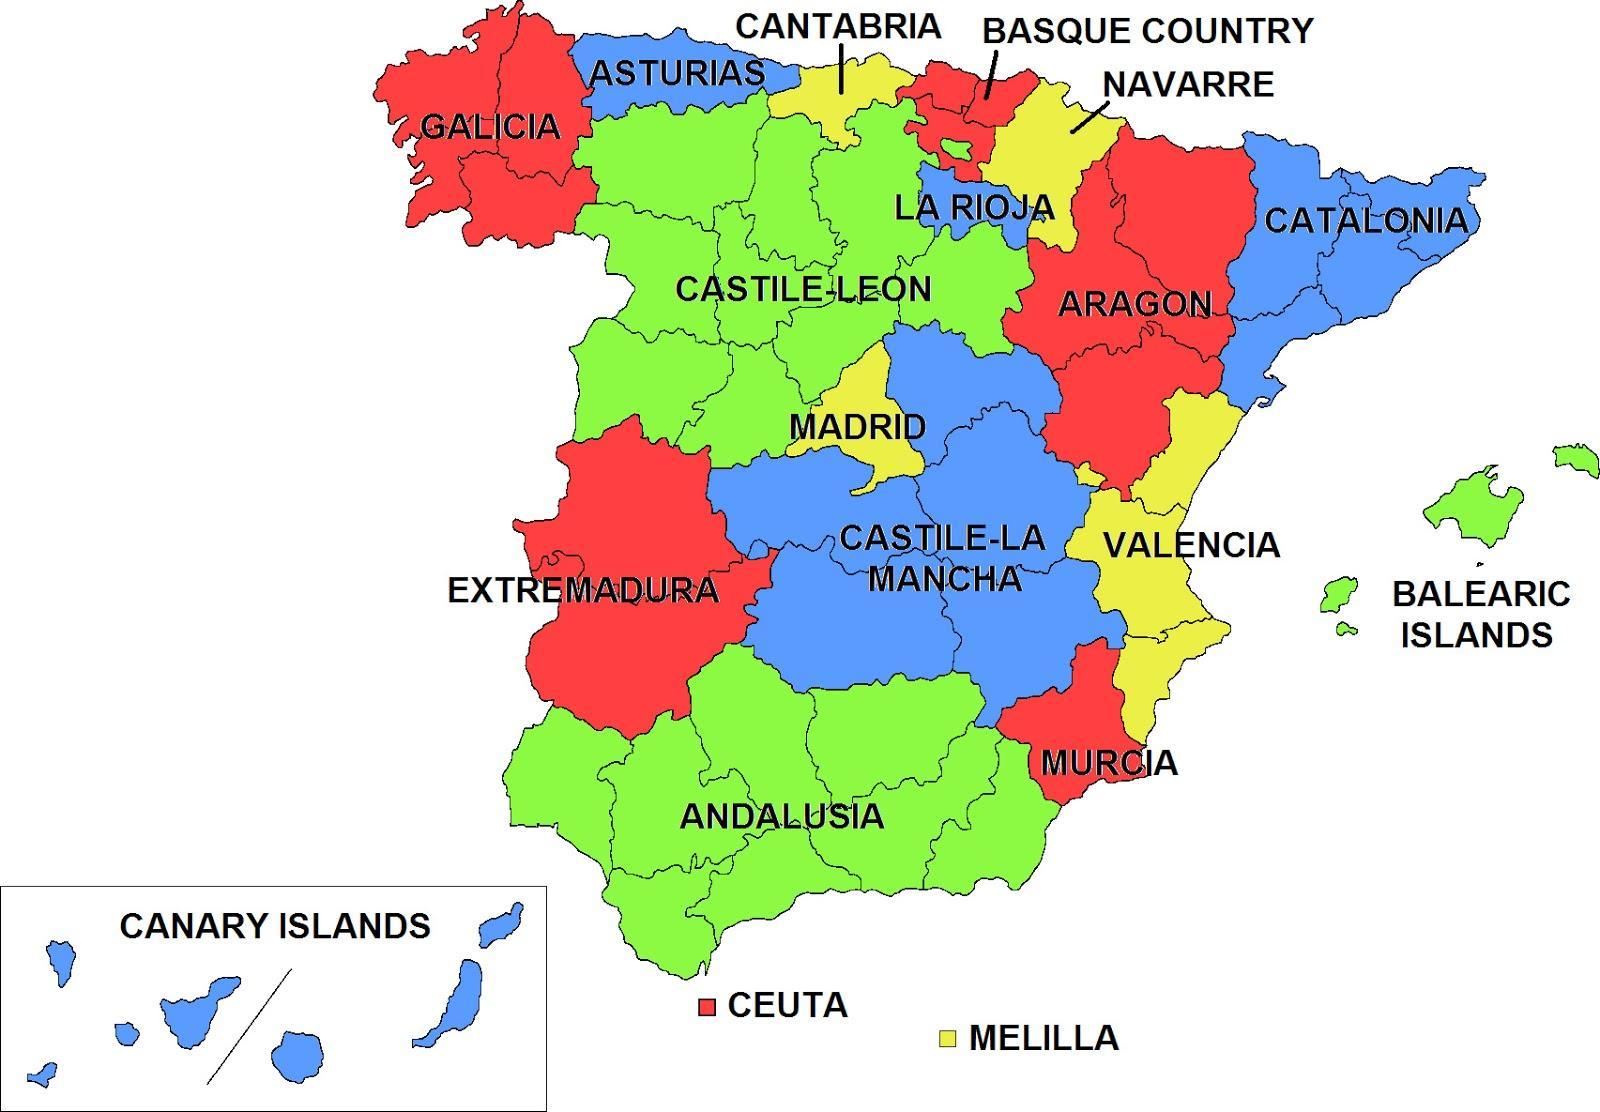 Leon Spagna Cartina.Leon Spagna Casa Botines Di Antoni Gaudi Foto Getty Images Commons Wikipedia Nel Delirio Non Ero Mai Sola